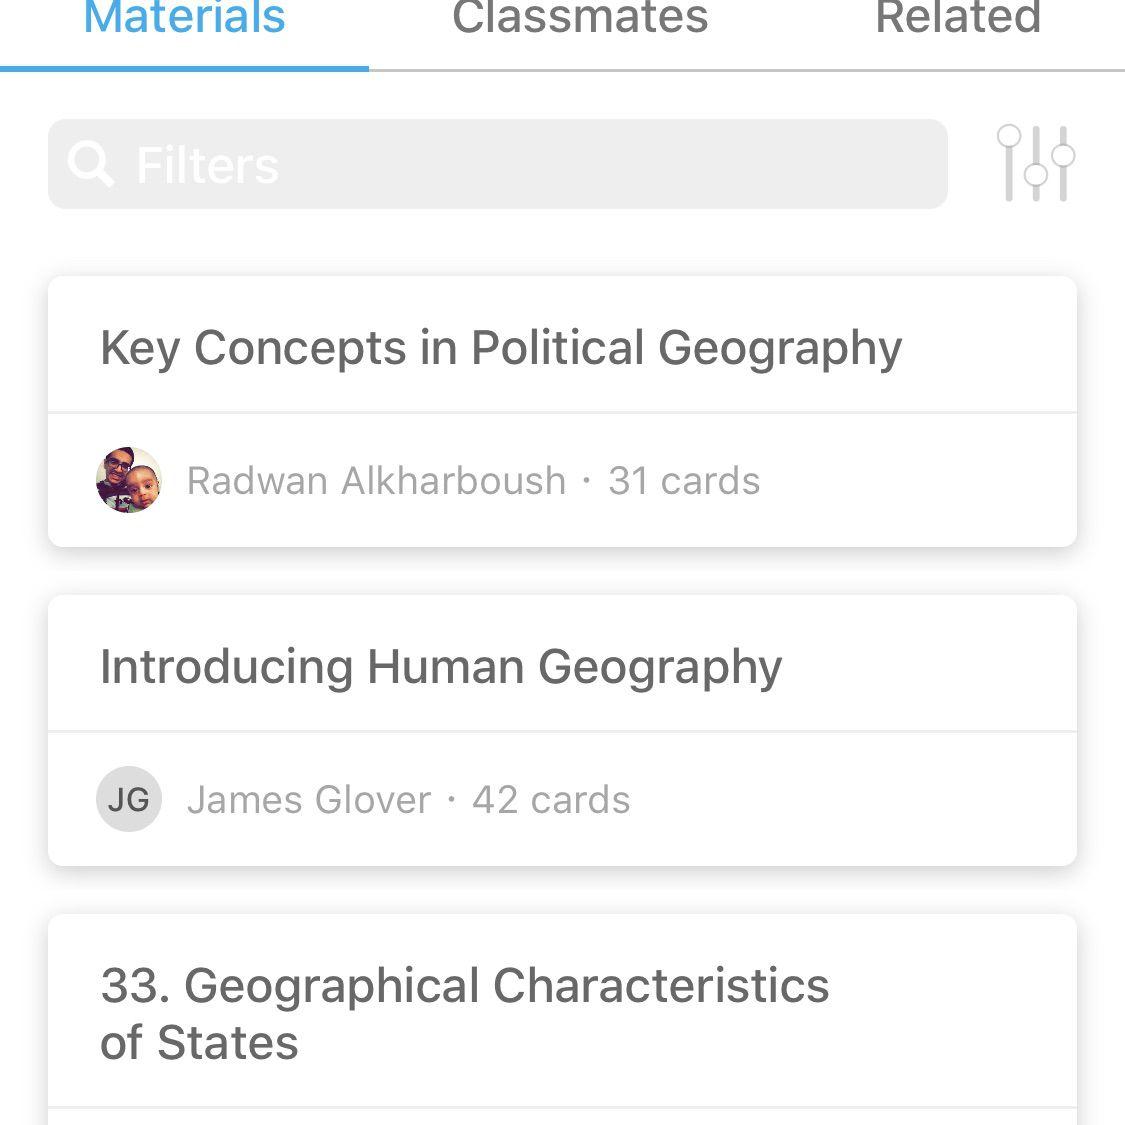 A sample screen from the StudyBlue iOS app